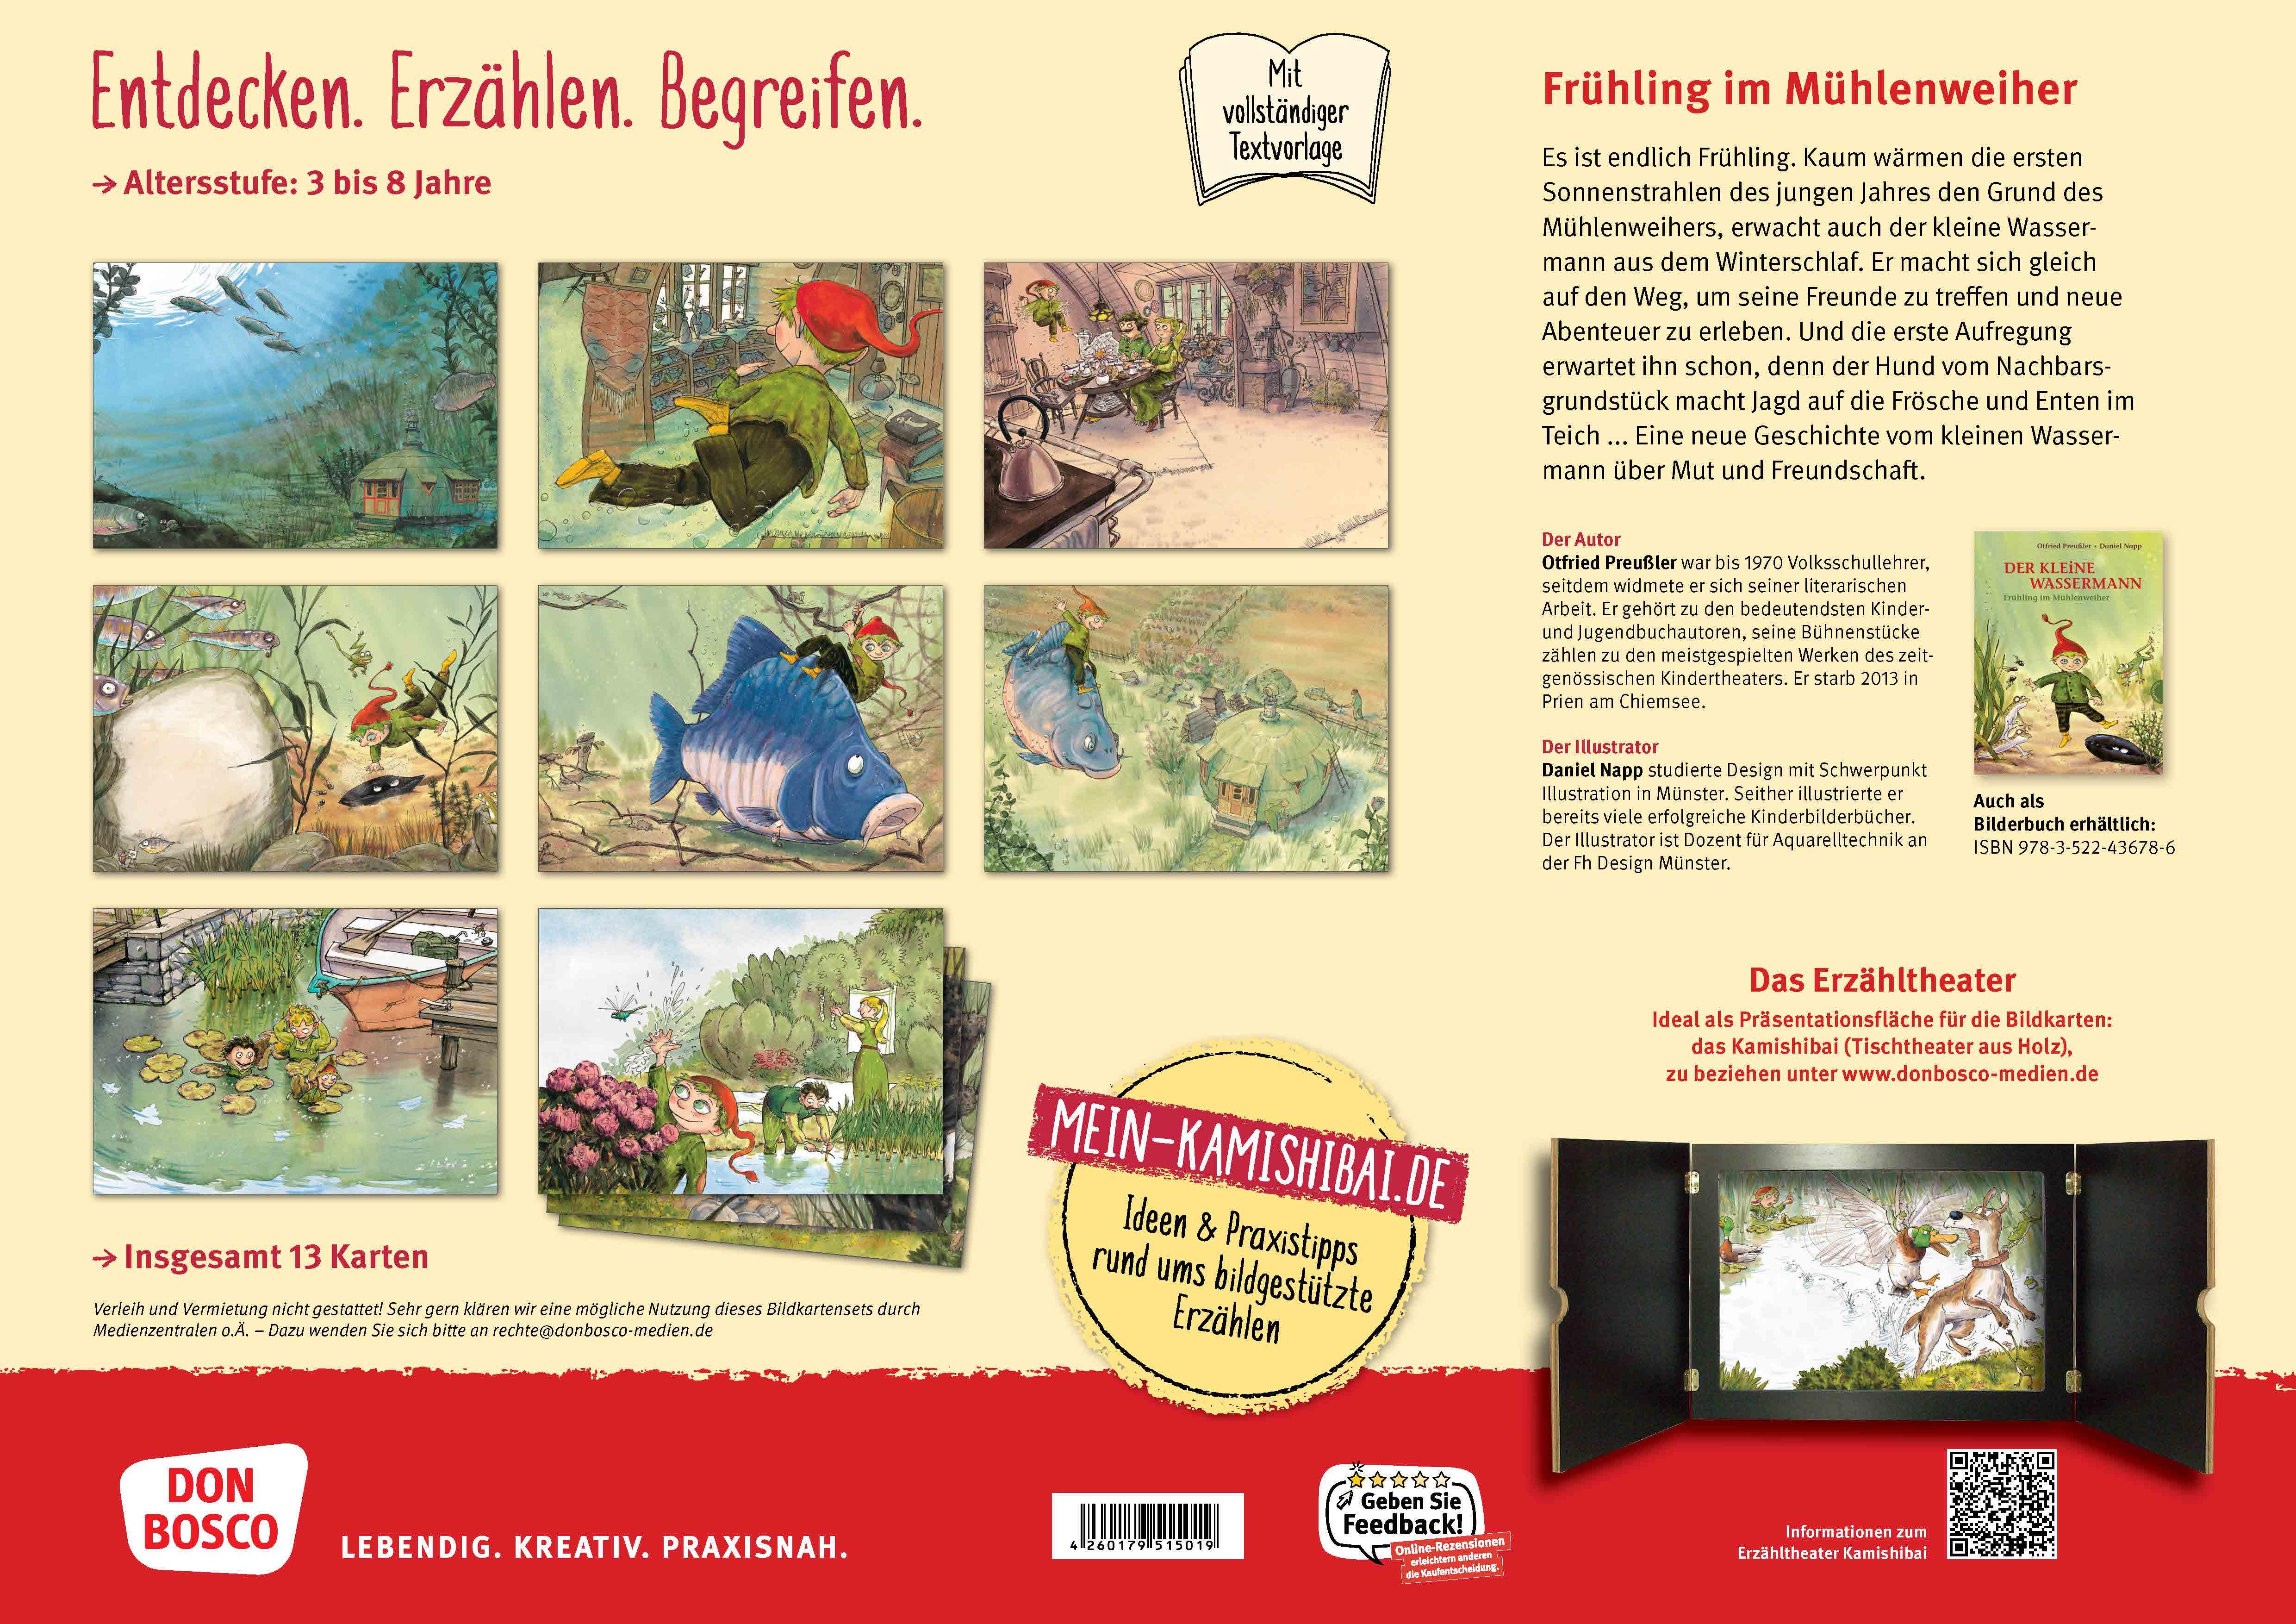 Innenansicht zu Der kleine Wassermann – Frühling im Mühlenweiher. Kamishibai Bildkartenset.